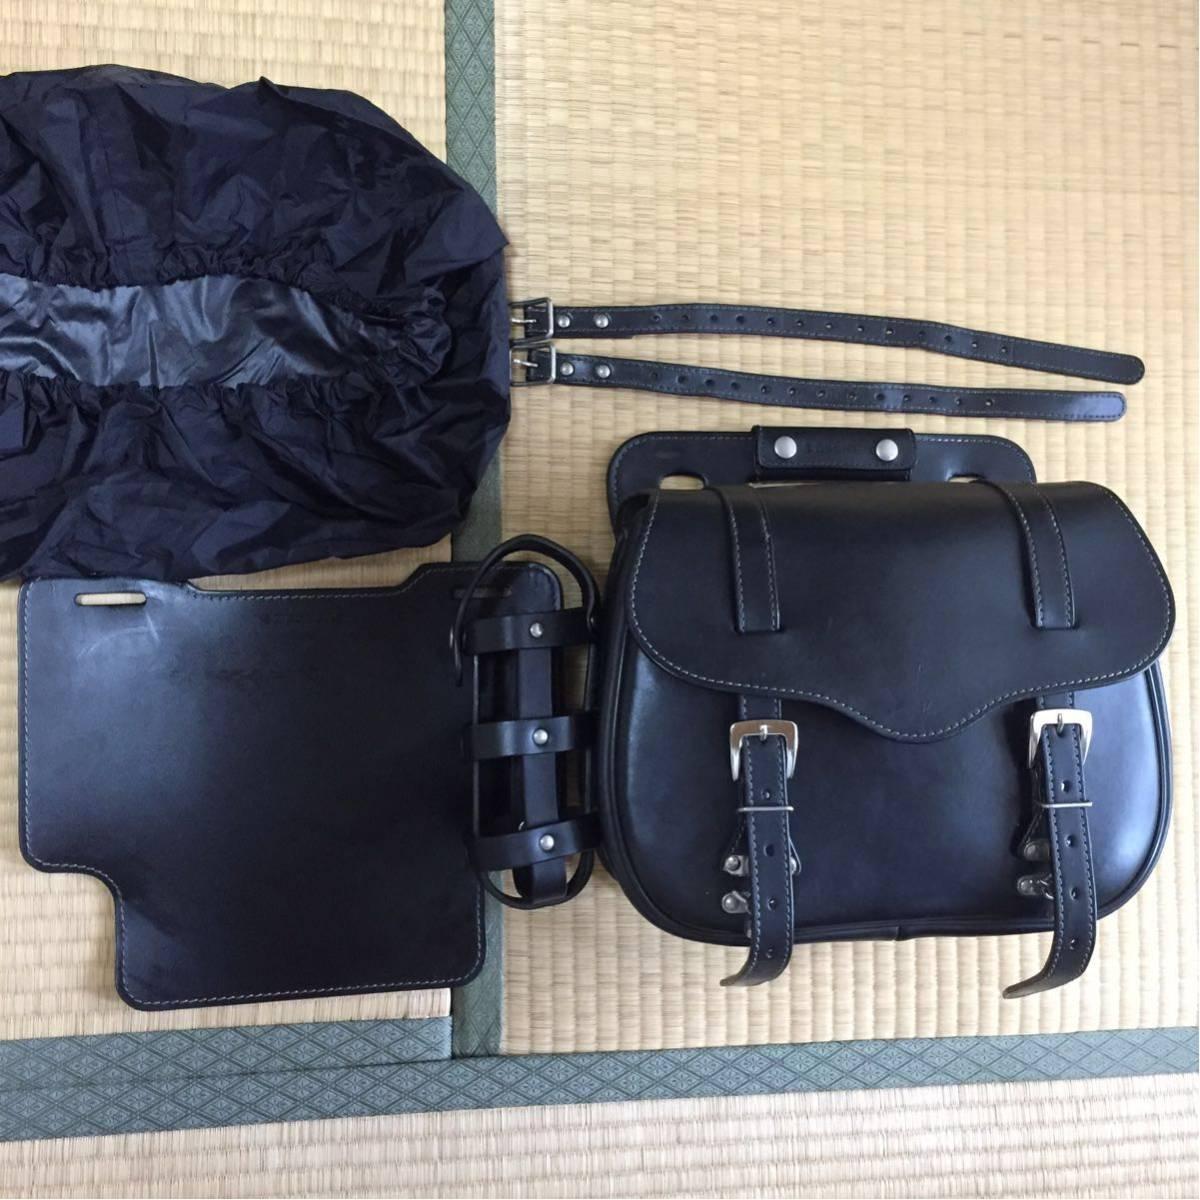 【美品】デグナー本革7.5Lサイドバック(レインカバー付)